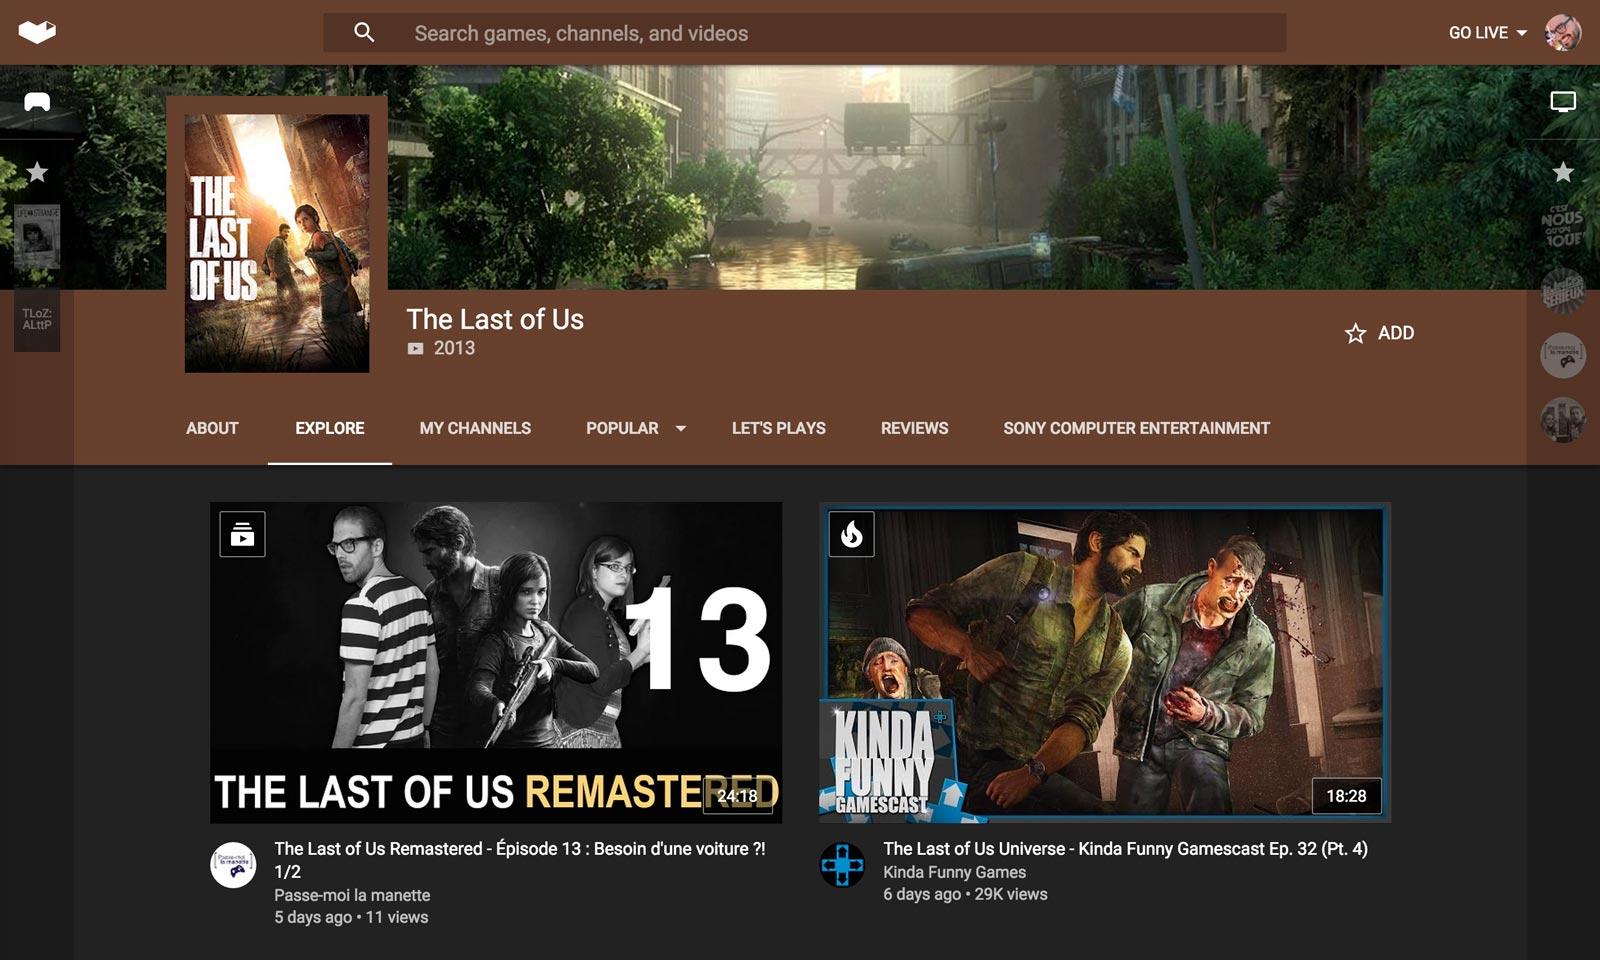 La page d'accueil du jeu The Last of Us.